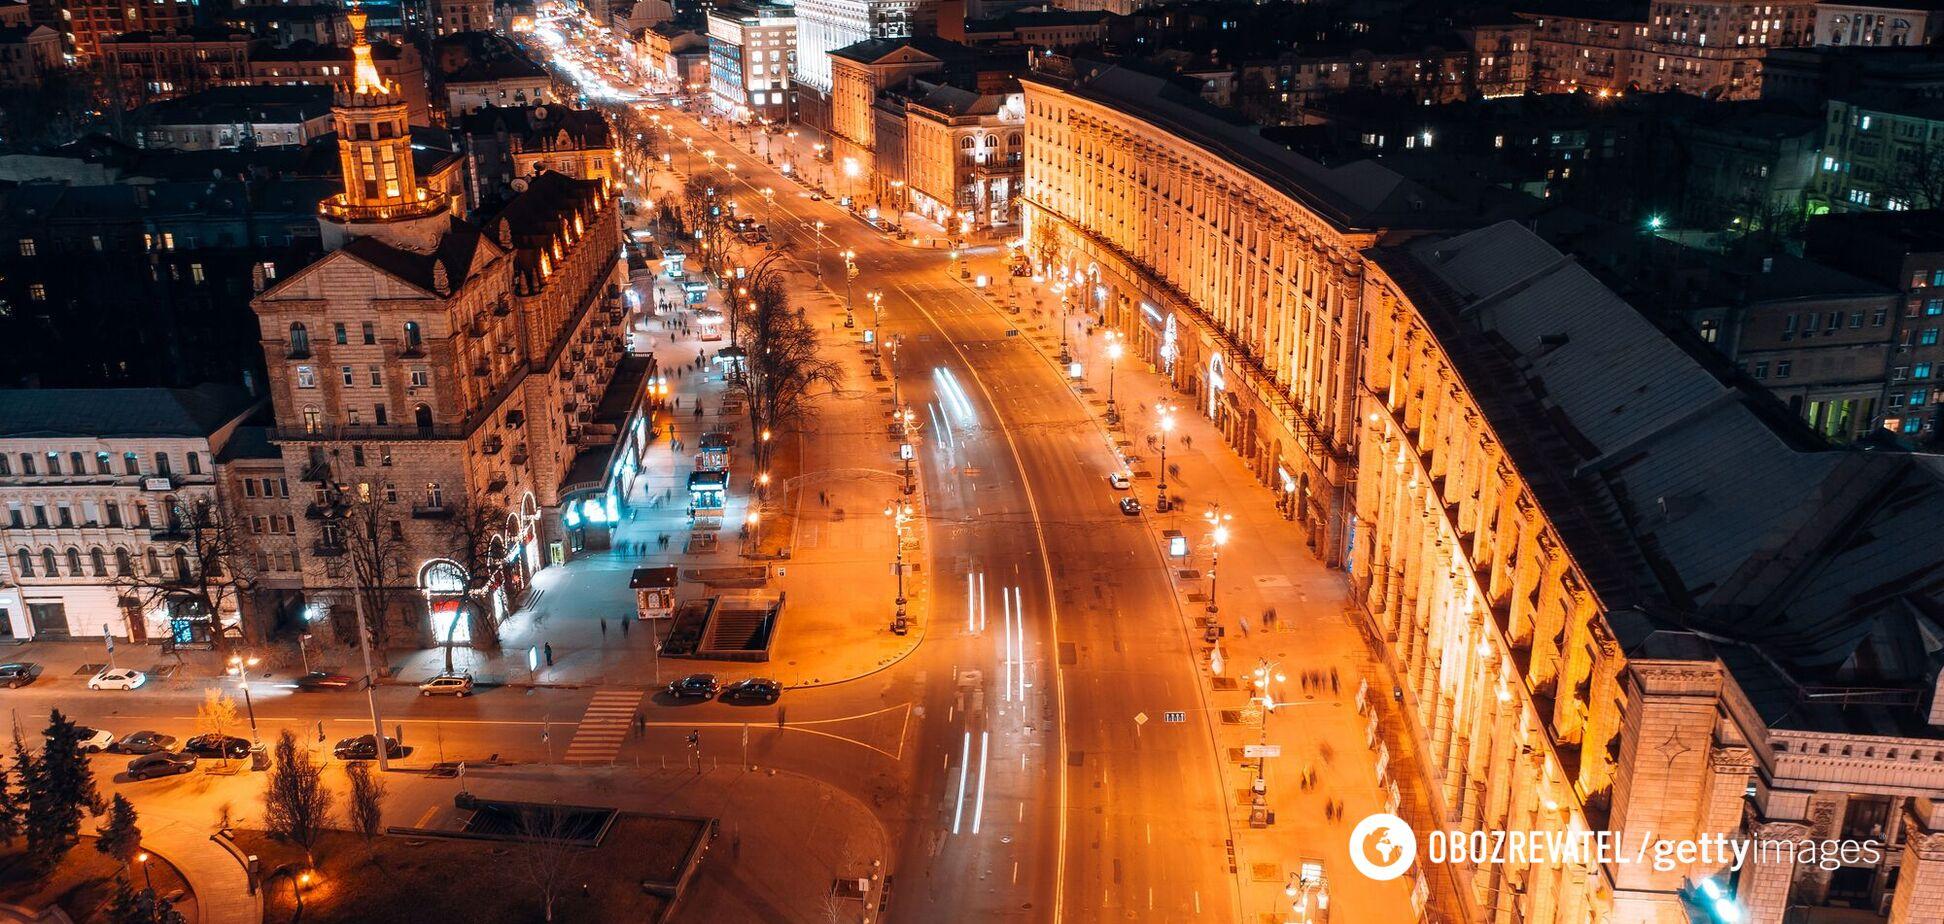 Фанати Йосипа Сталіна в Києві, в столиці незалежної України